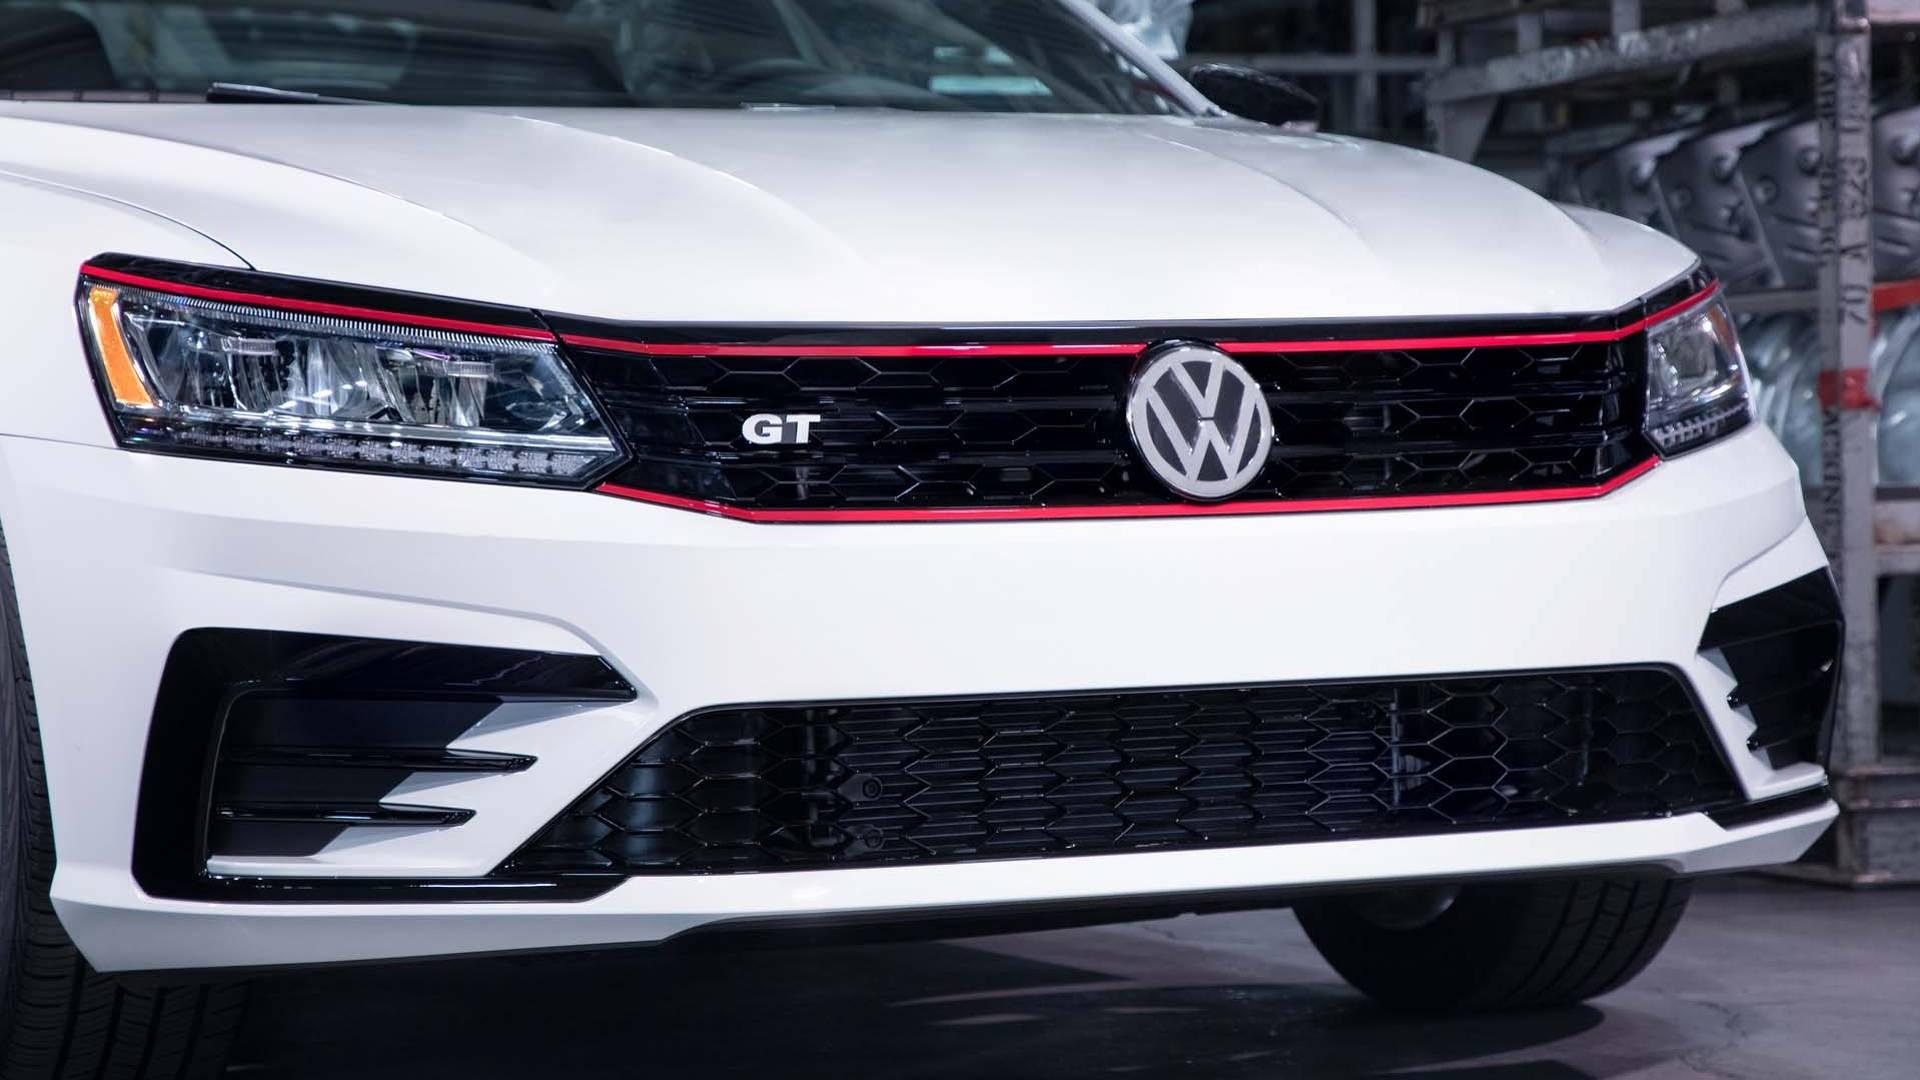 2018_Volkswagen_Passat_GT_0009